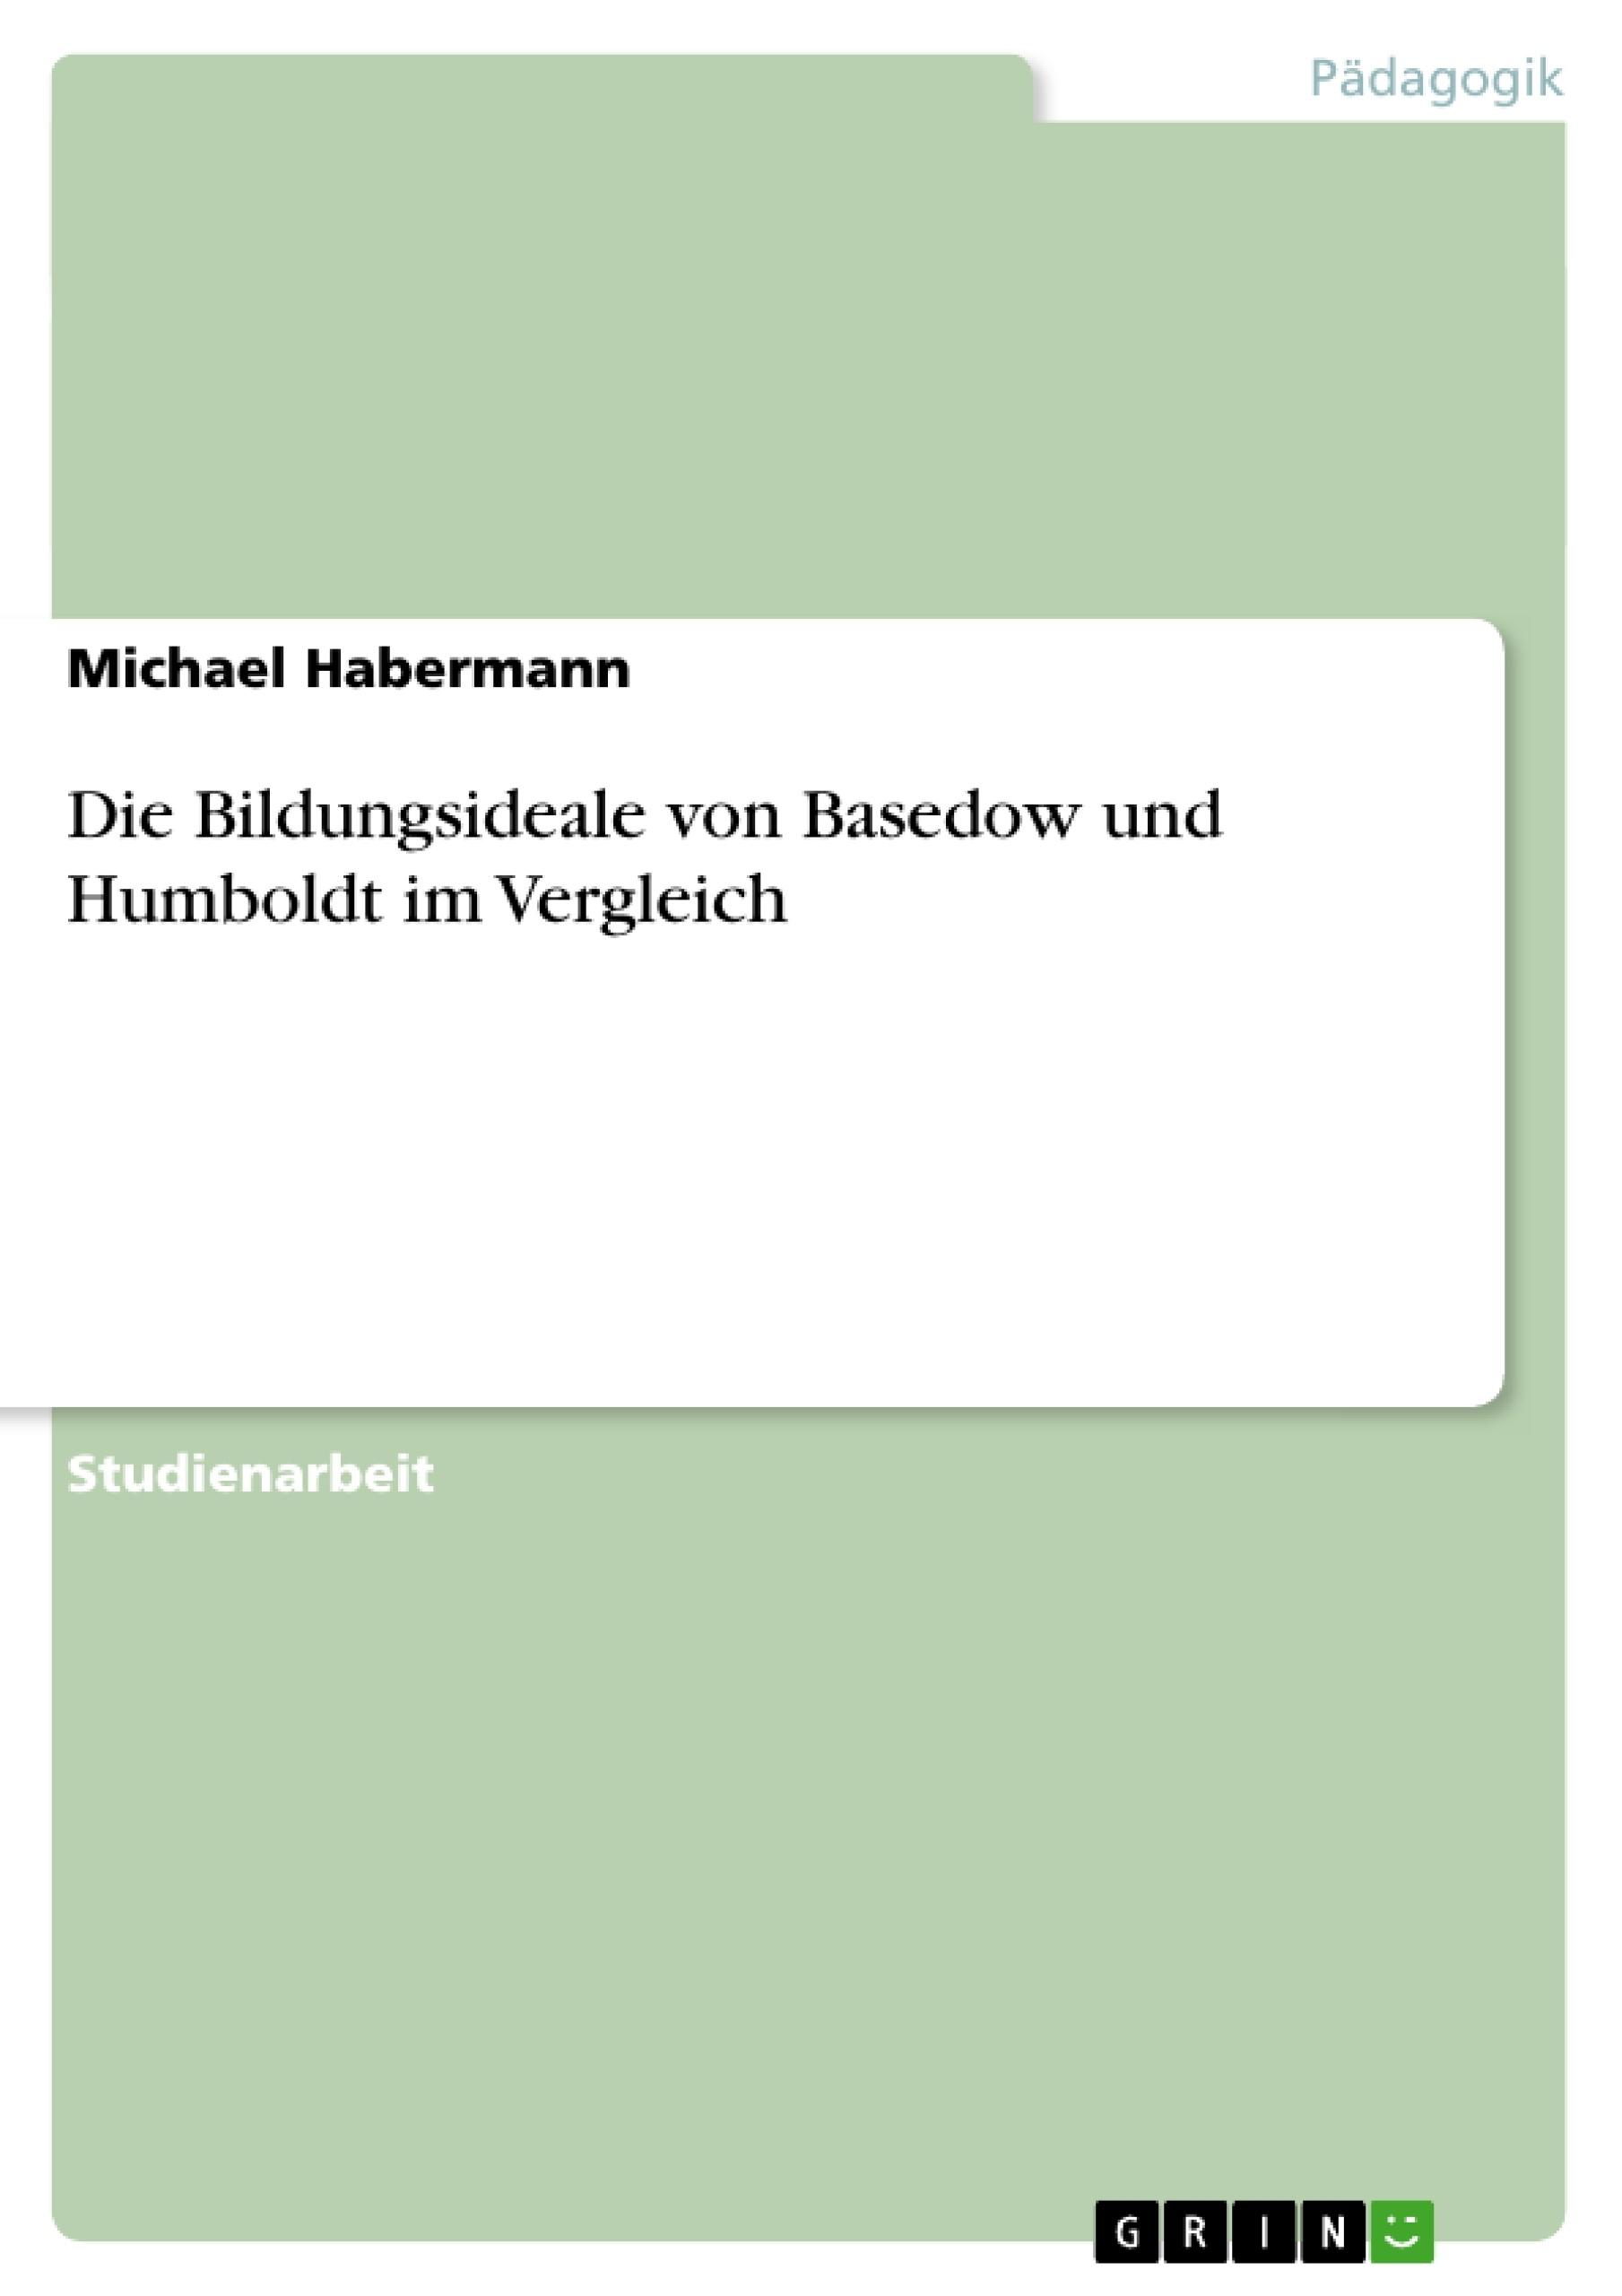 Titel: Die Bildungsideale von Basedow und Humboldt im Vergleich